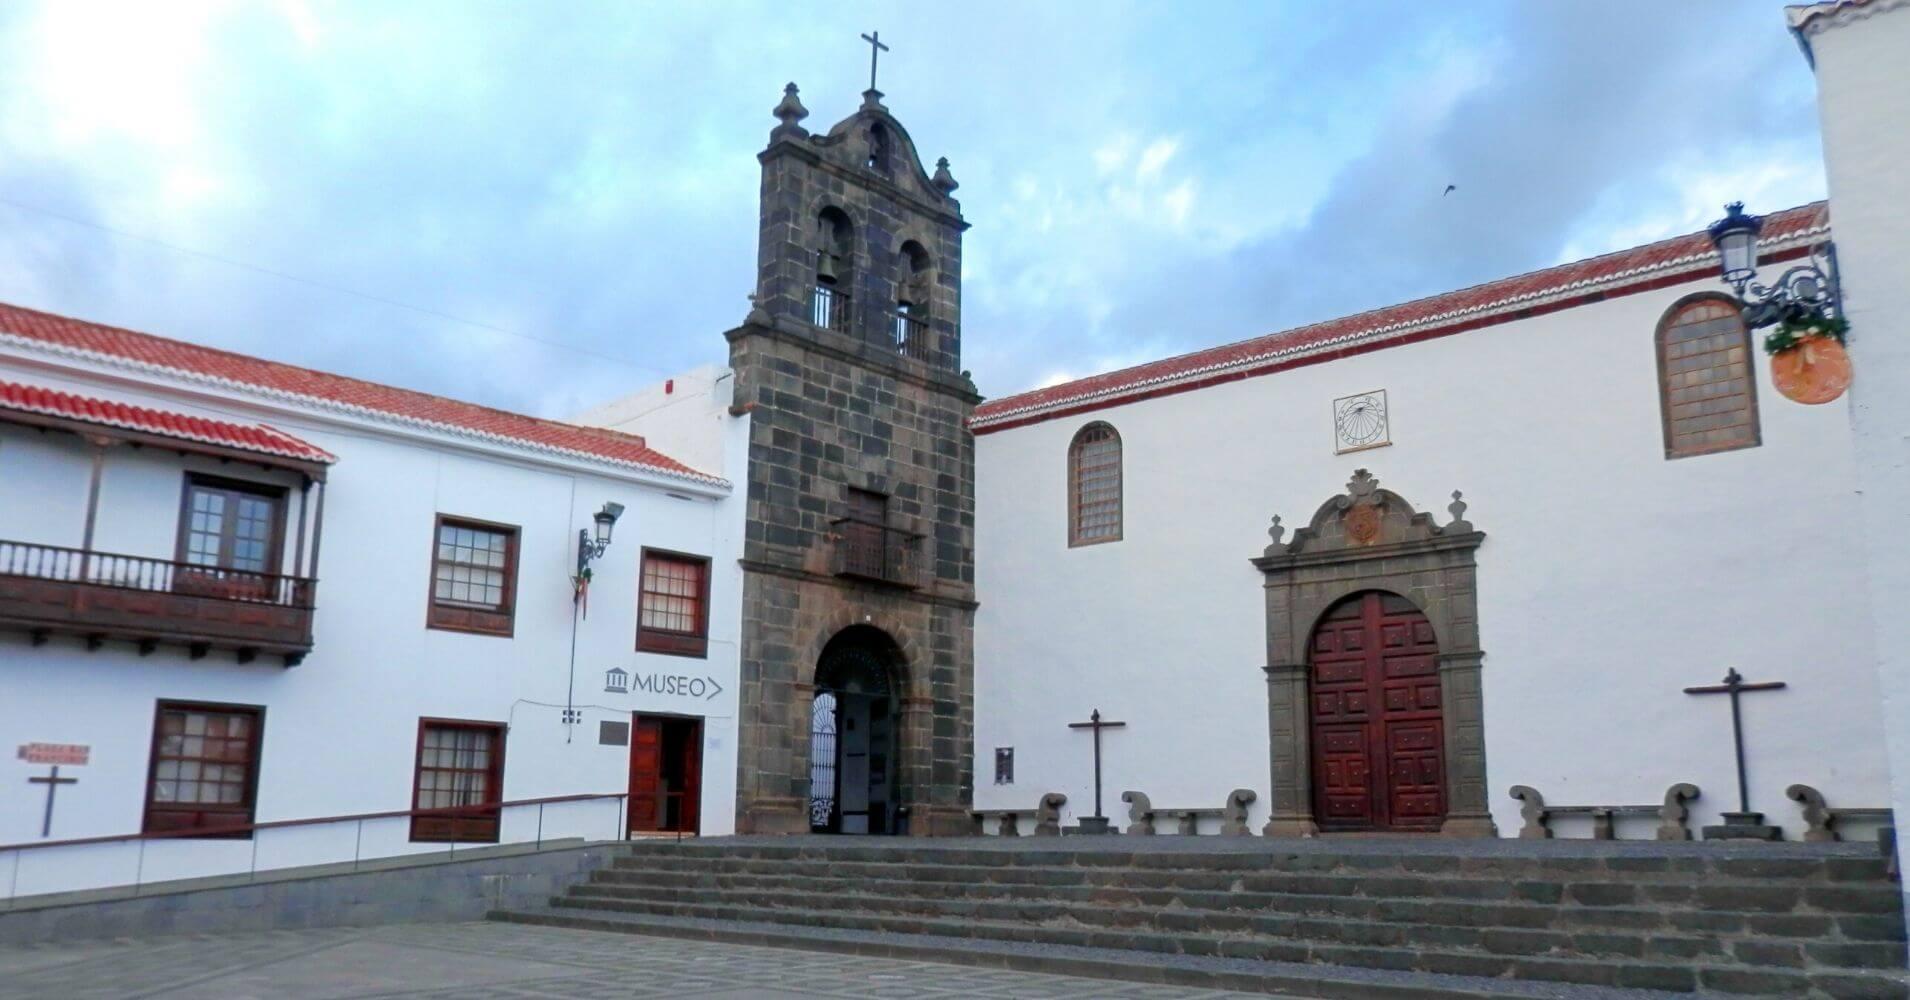 Convento de San Francisco. Museo Insular, La Palma a ritmo lento. Santa Cruz de La Palma. Islas Canarias.